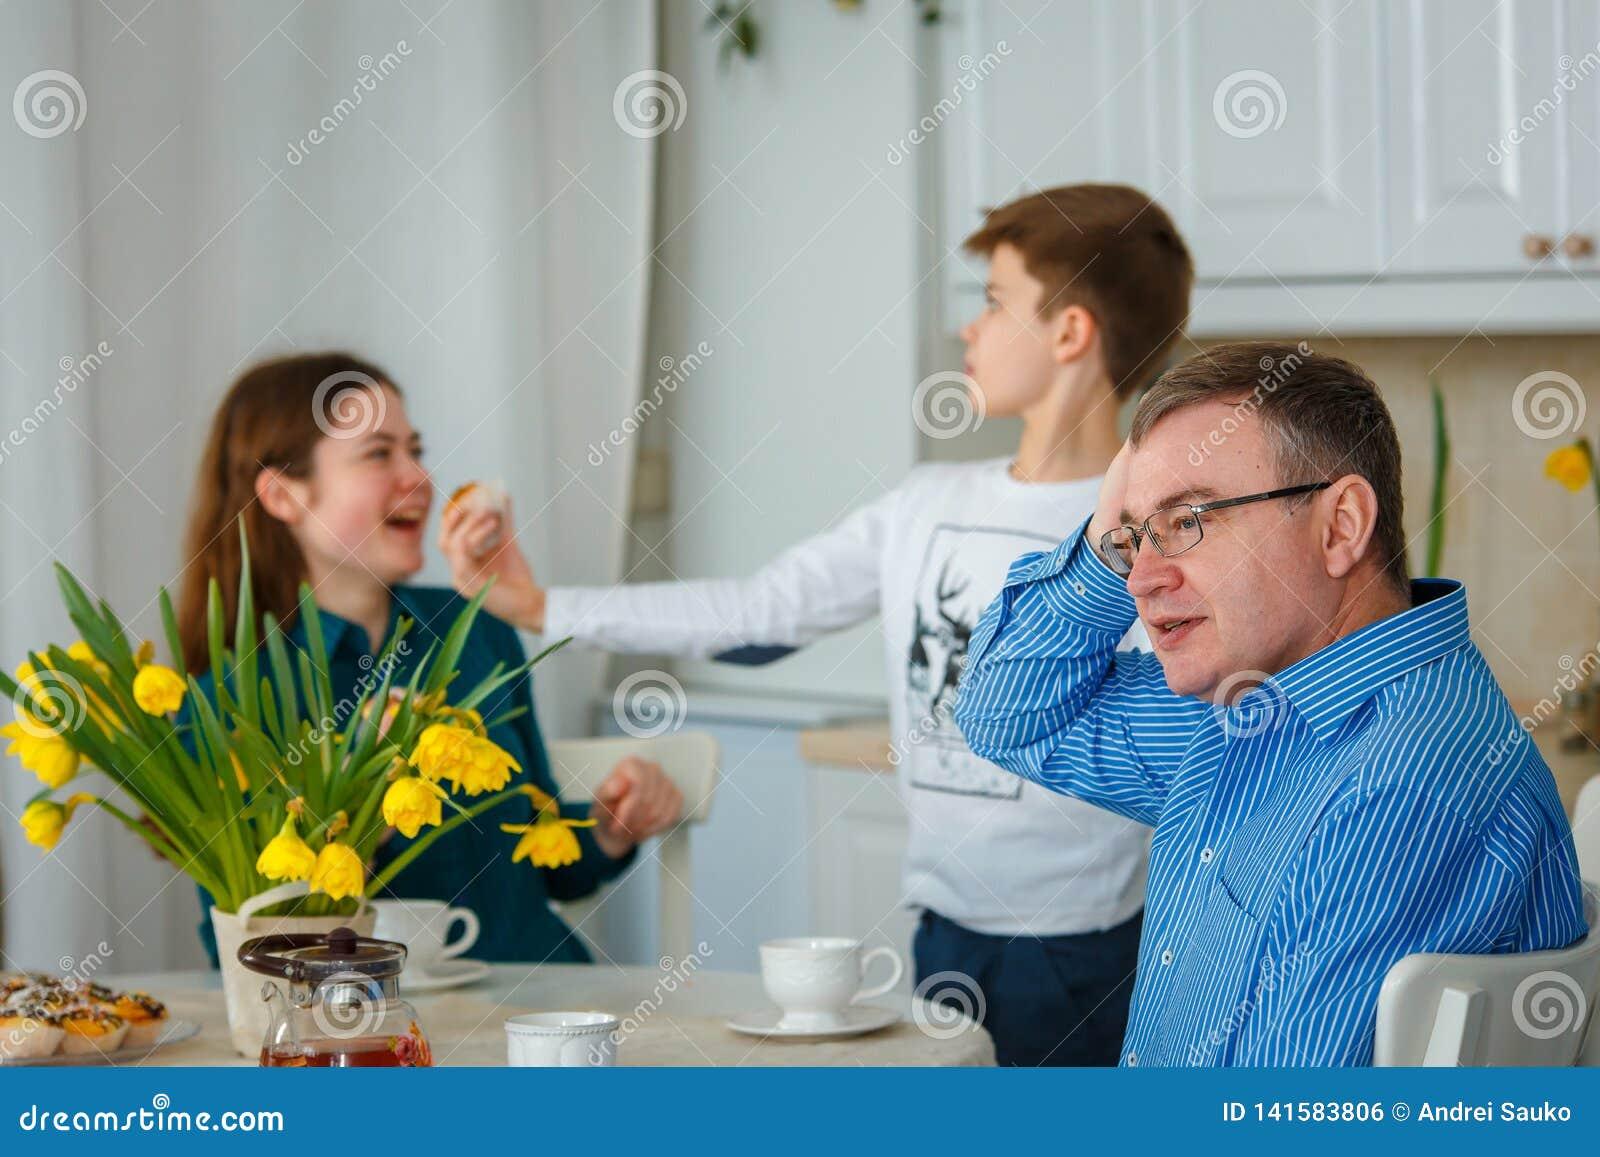 El papá está preocupado cuando los niños son traviesos